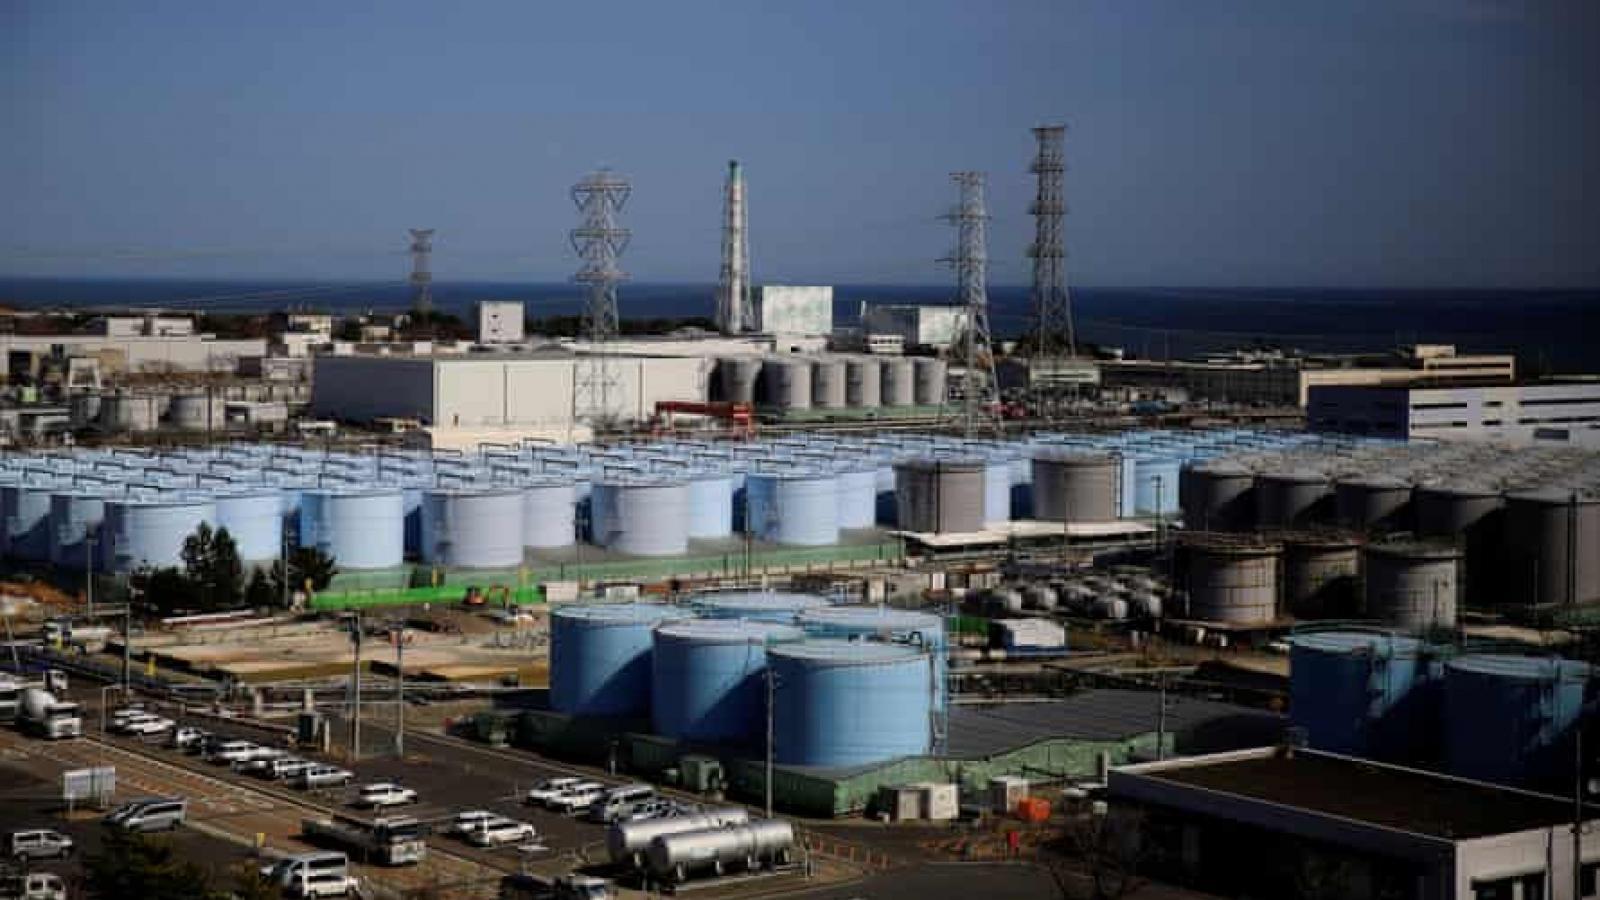 Mỹ không can thiệp, Hàn Quốc đặt điều kiện với Nhật Bản về vụ xả thải